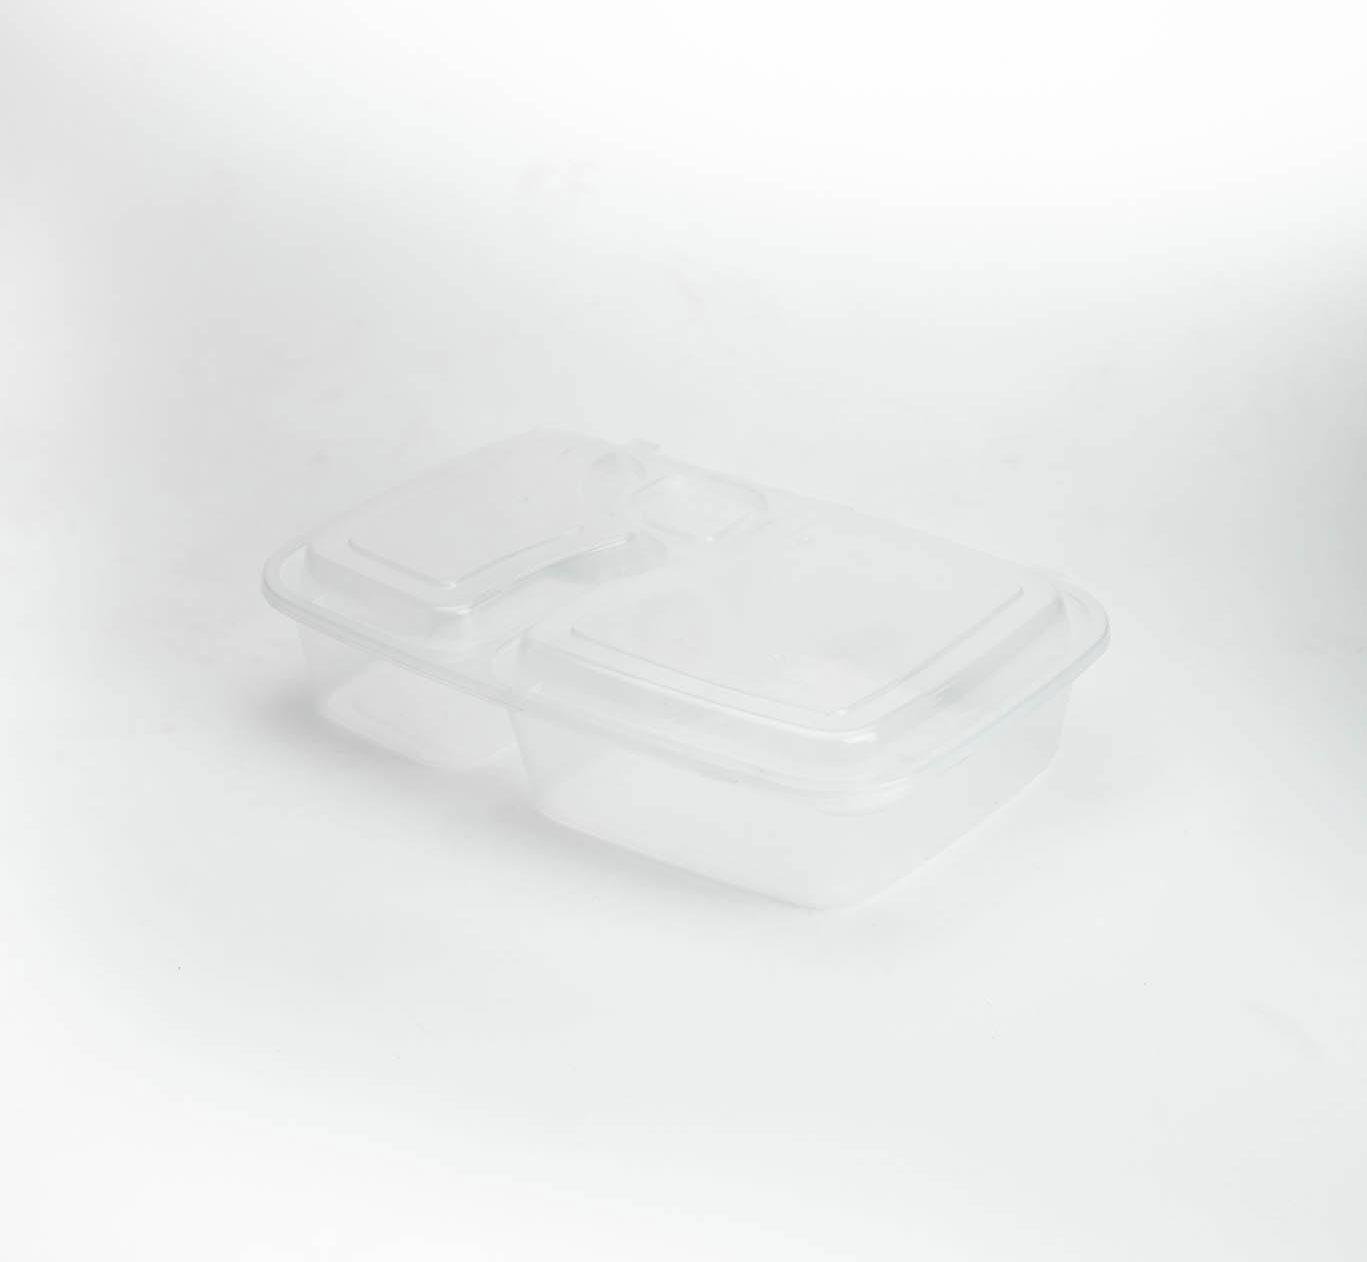 กล่องพลาสติก 2 ช่อง + ช่องน้ำจิ้ม 1000ml (ฝาพับ)